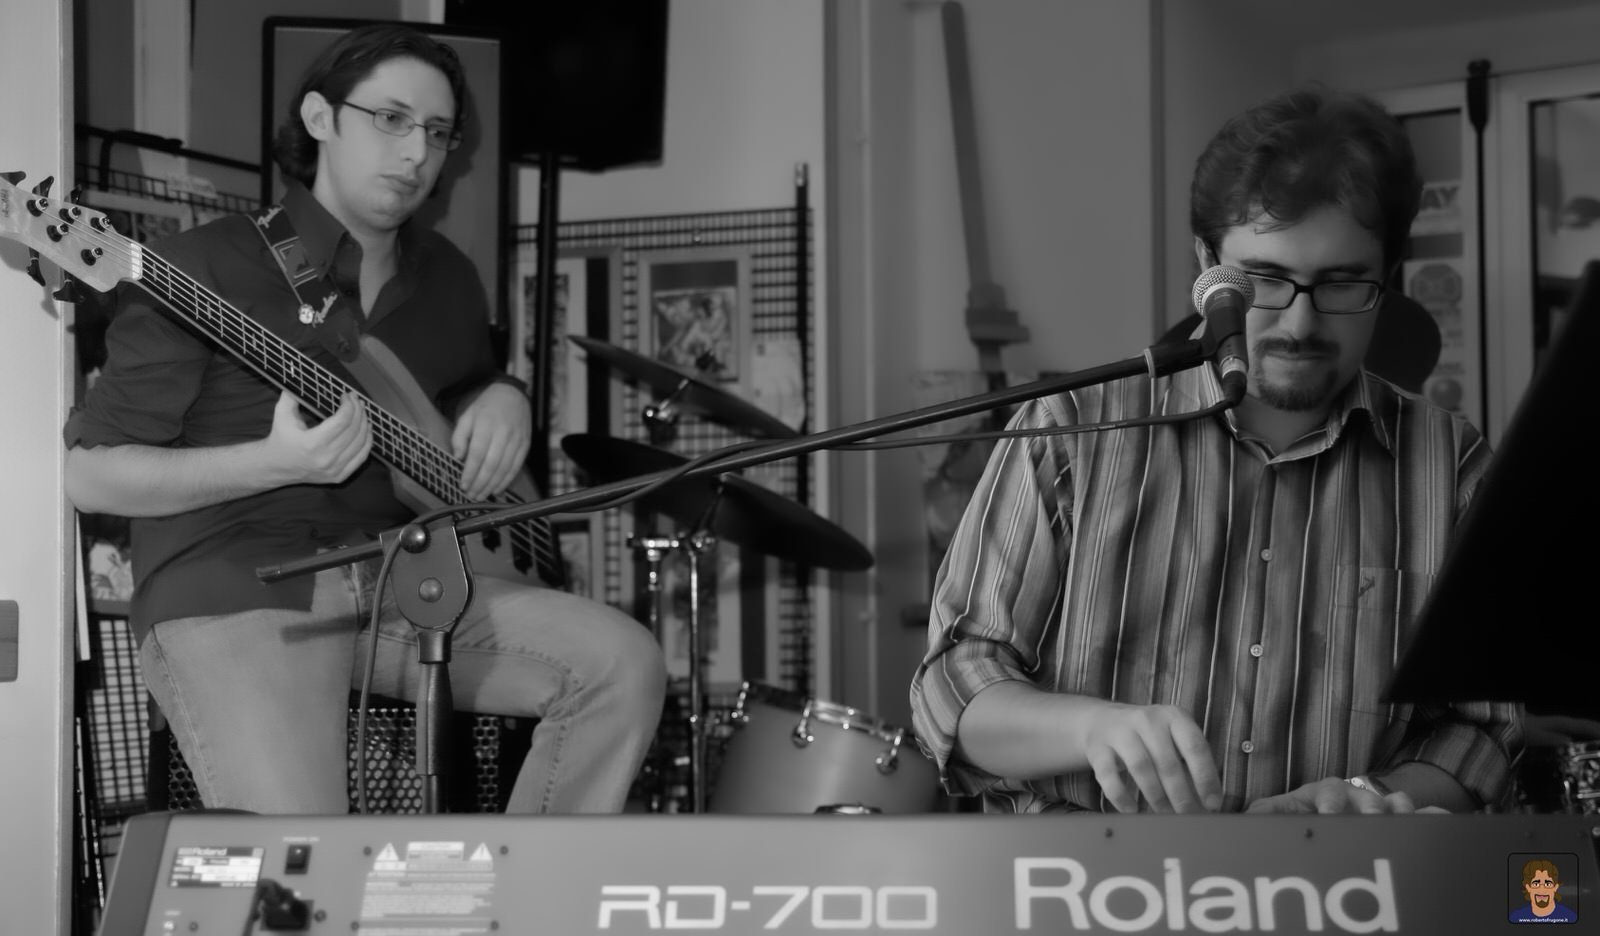 Roberto Frugone Band cantautore live concerto Genova Berio Cafè 02